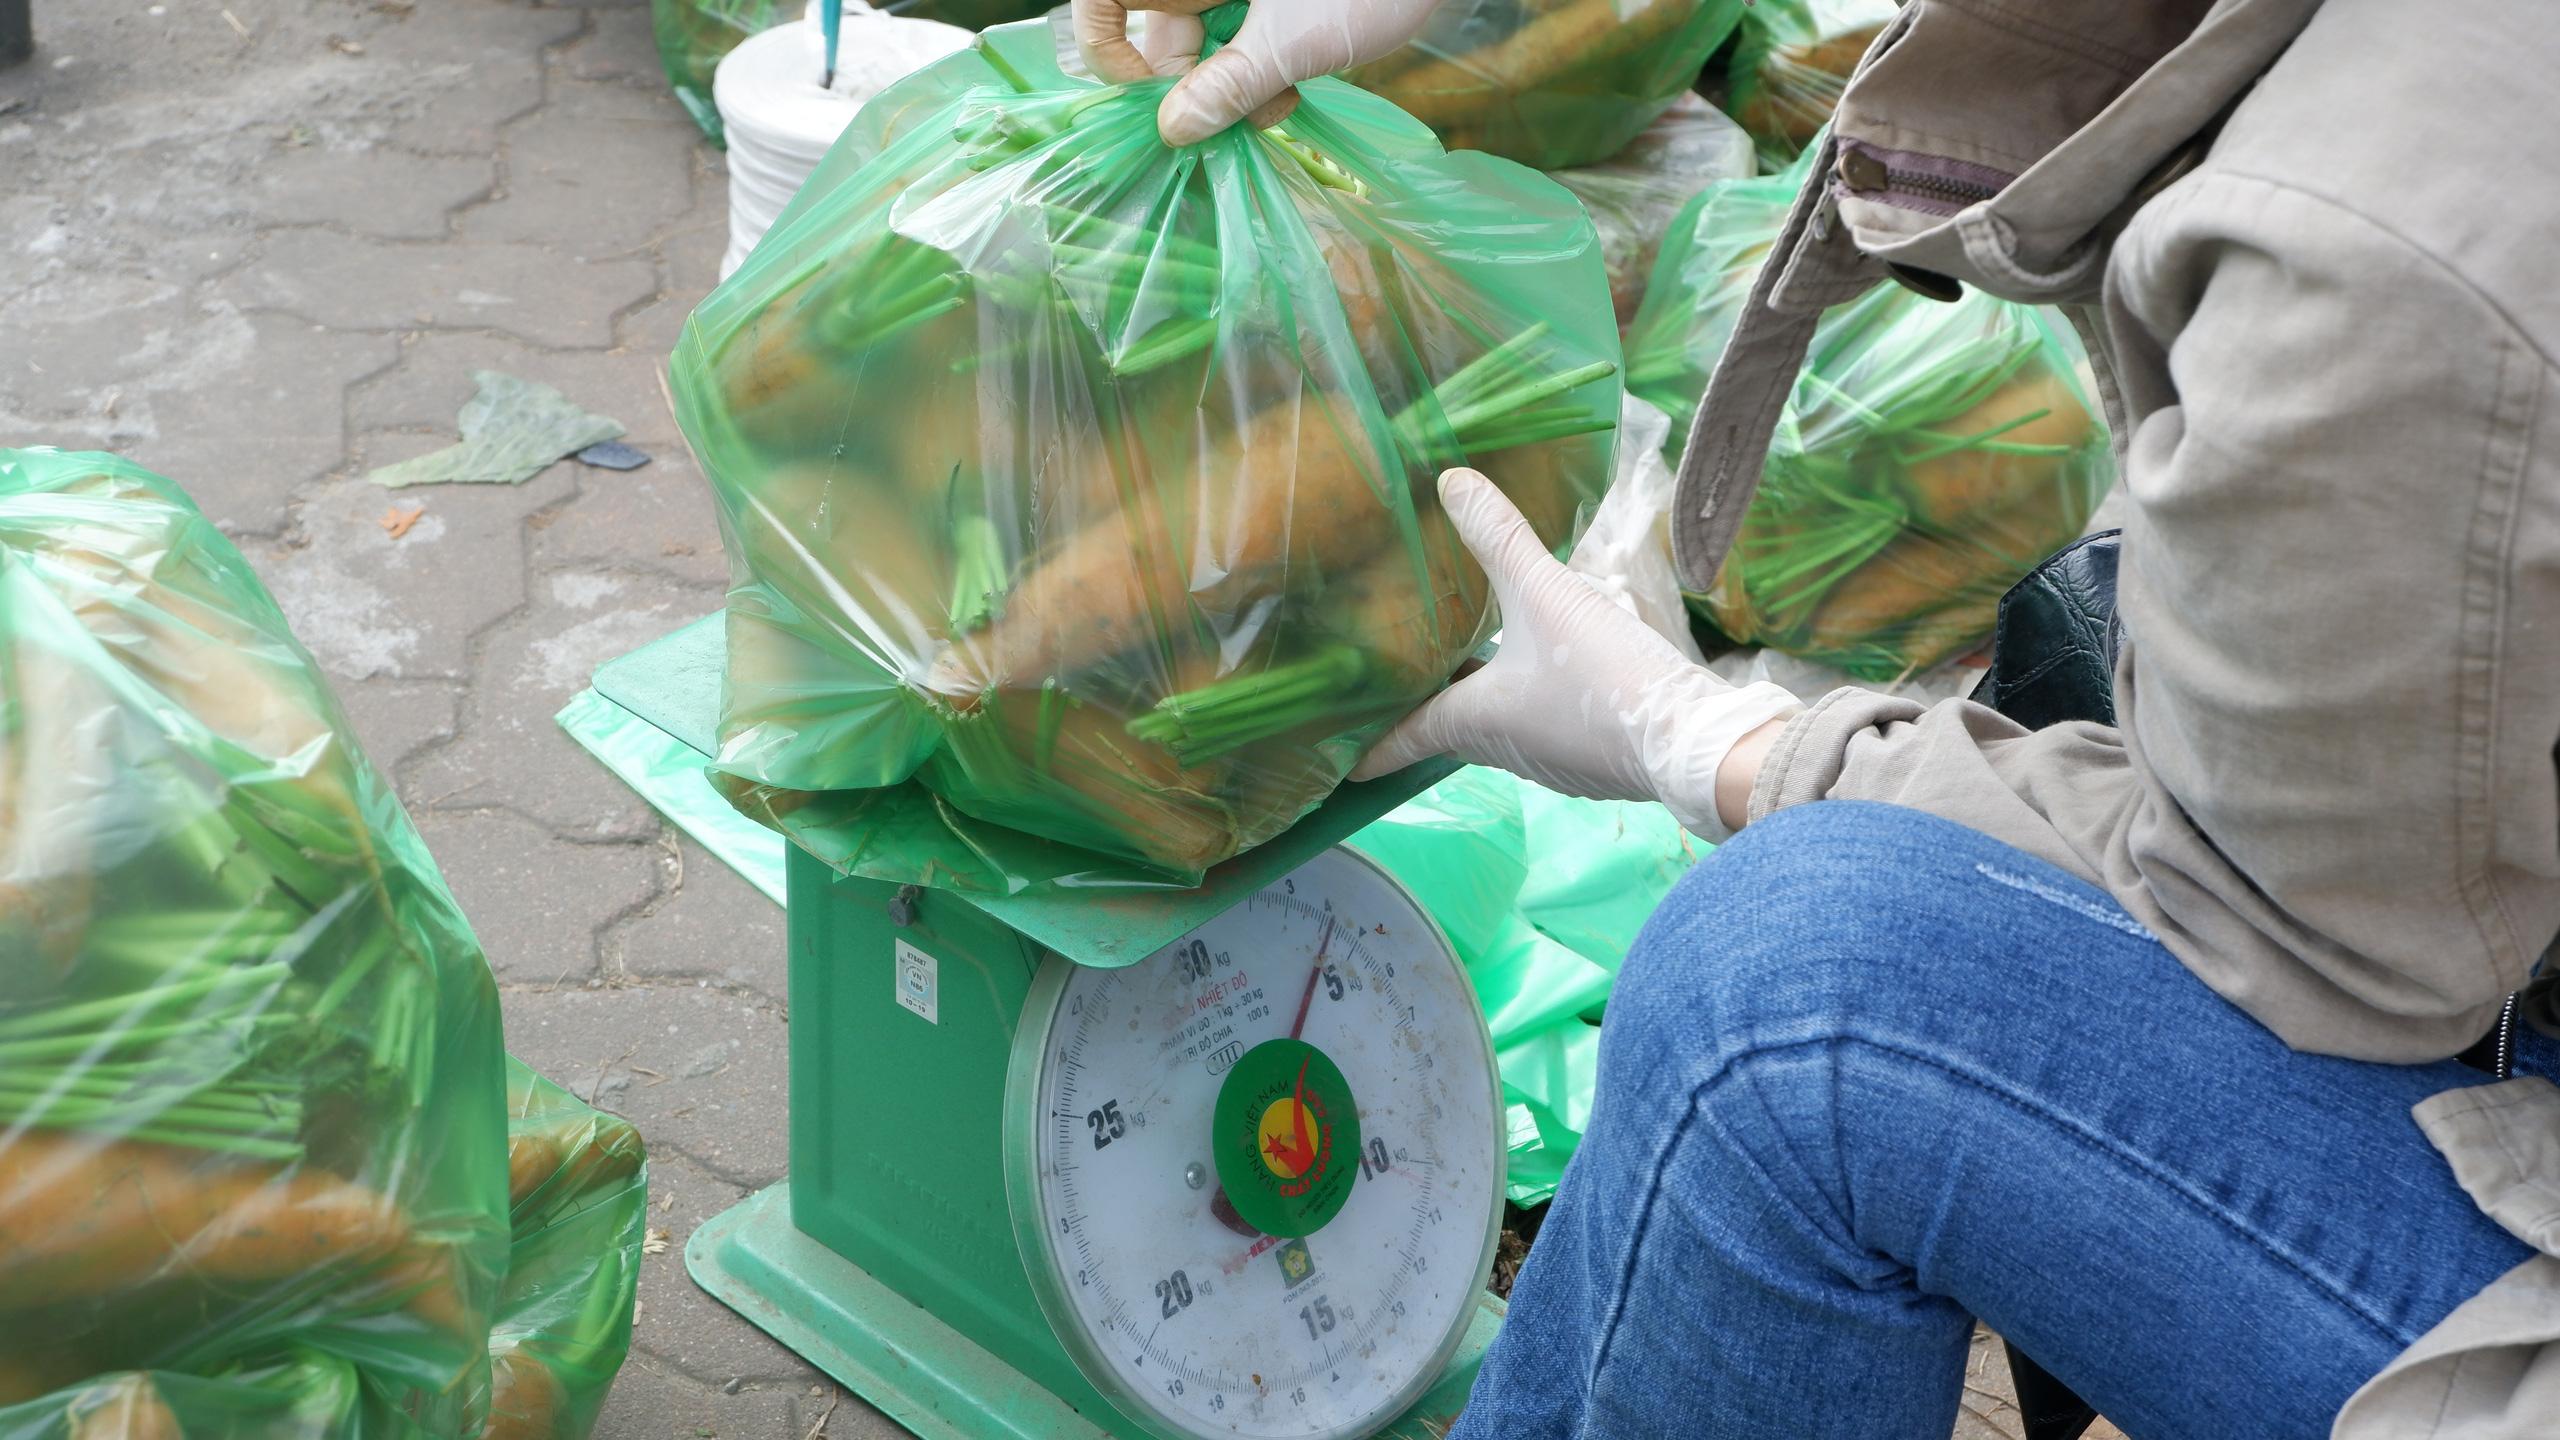 Chủ doanh nghiệp mĩ phẩm giải cứu 60 tấn nông sản Hải Dương chỉ trong một đêm - Ảnh 4.